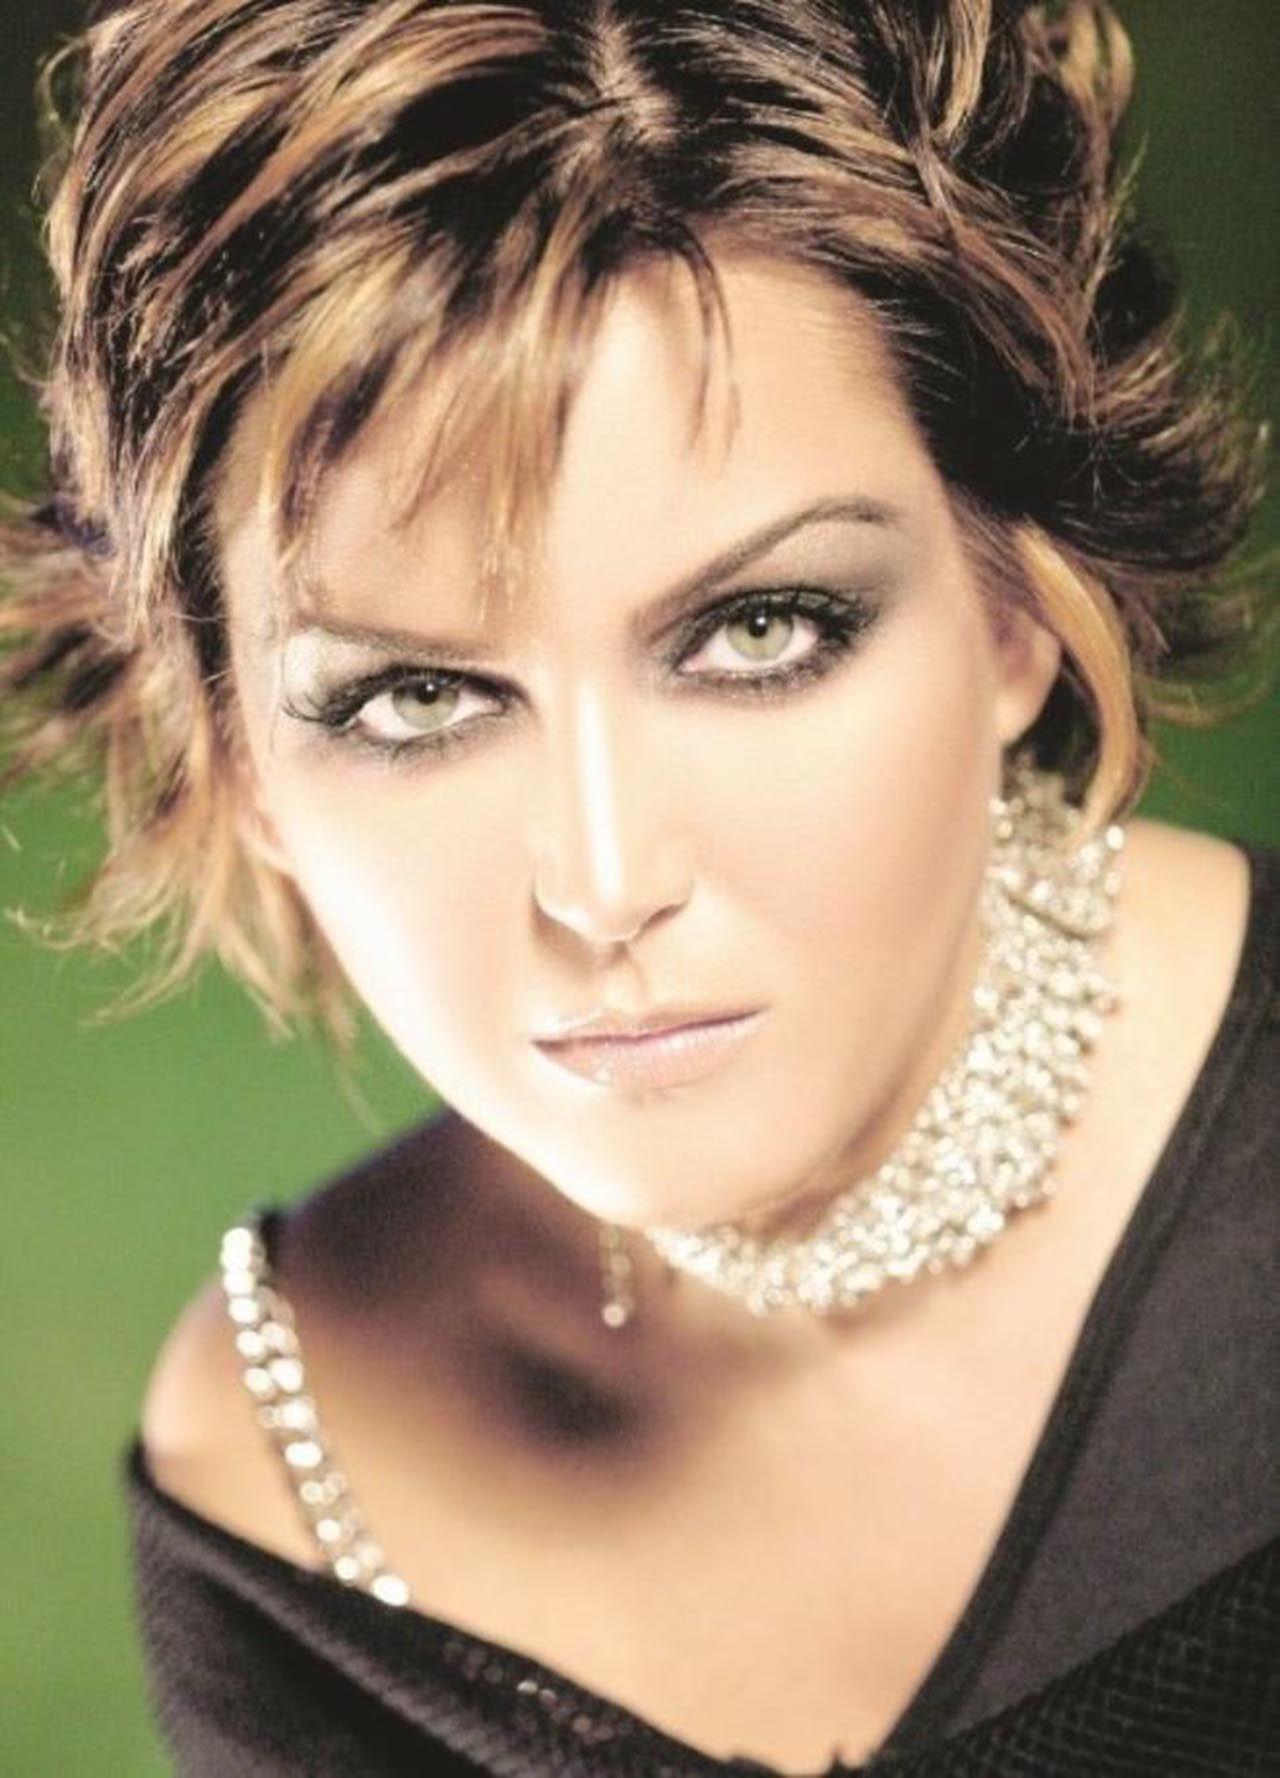 Bir dönem ''Şinanari'' şarkısıyla fırtınalar estiren Pınar Dilşeker tanınmaz halde - Resim: 3